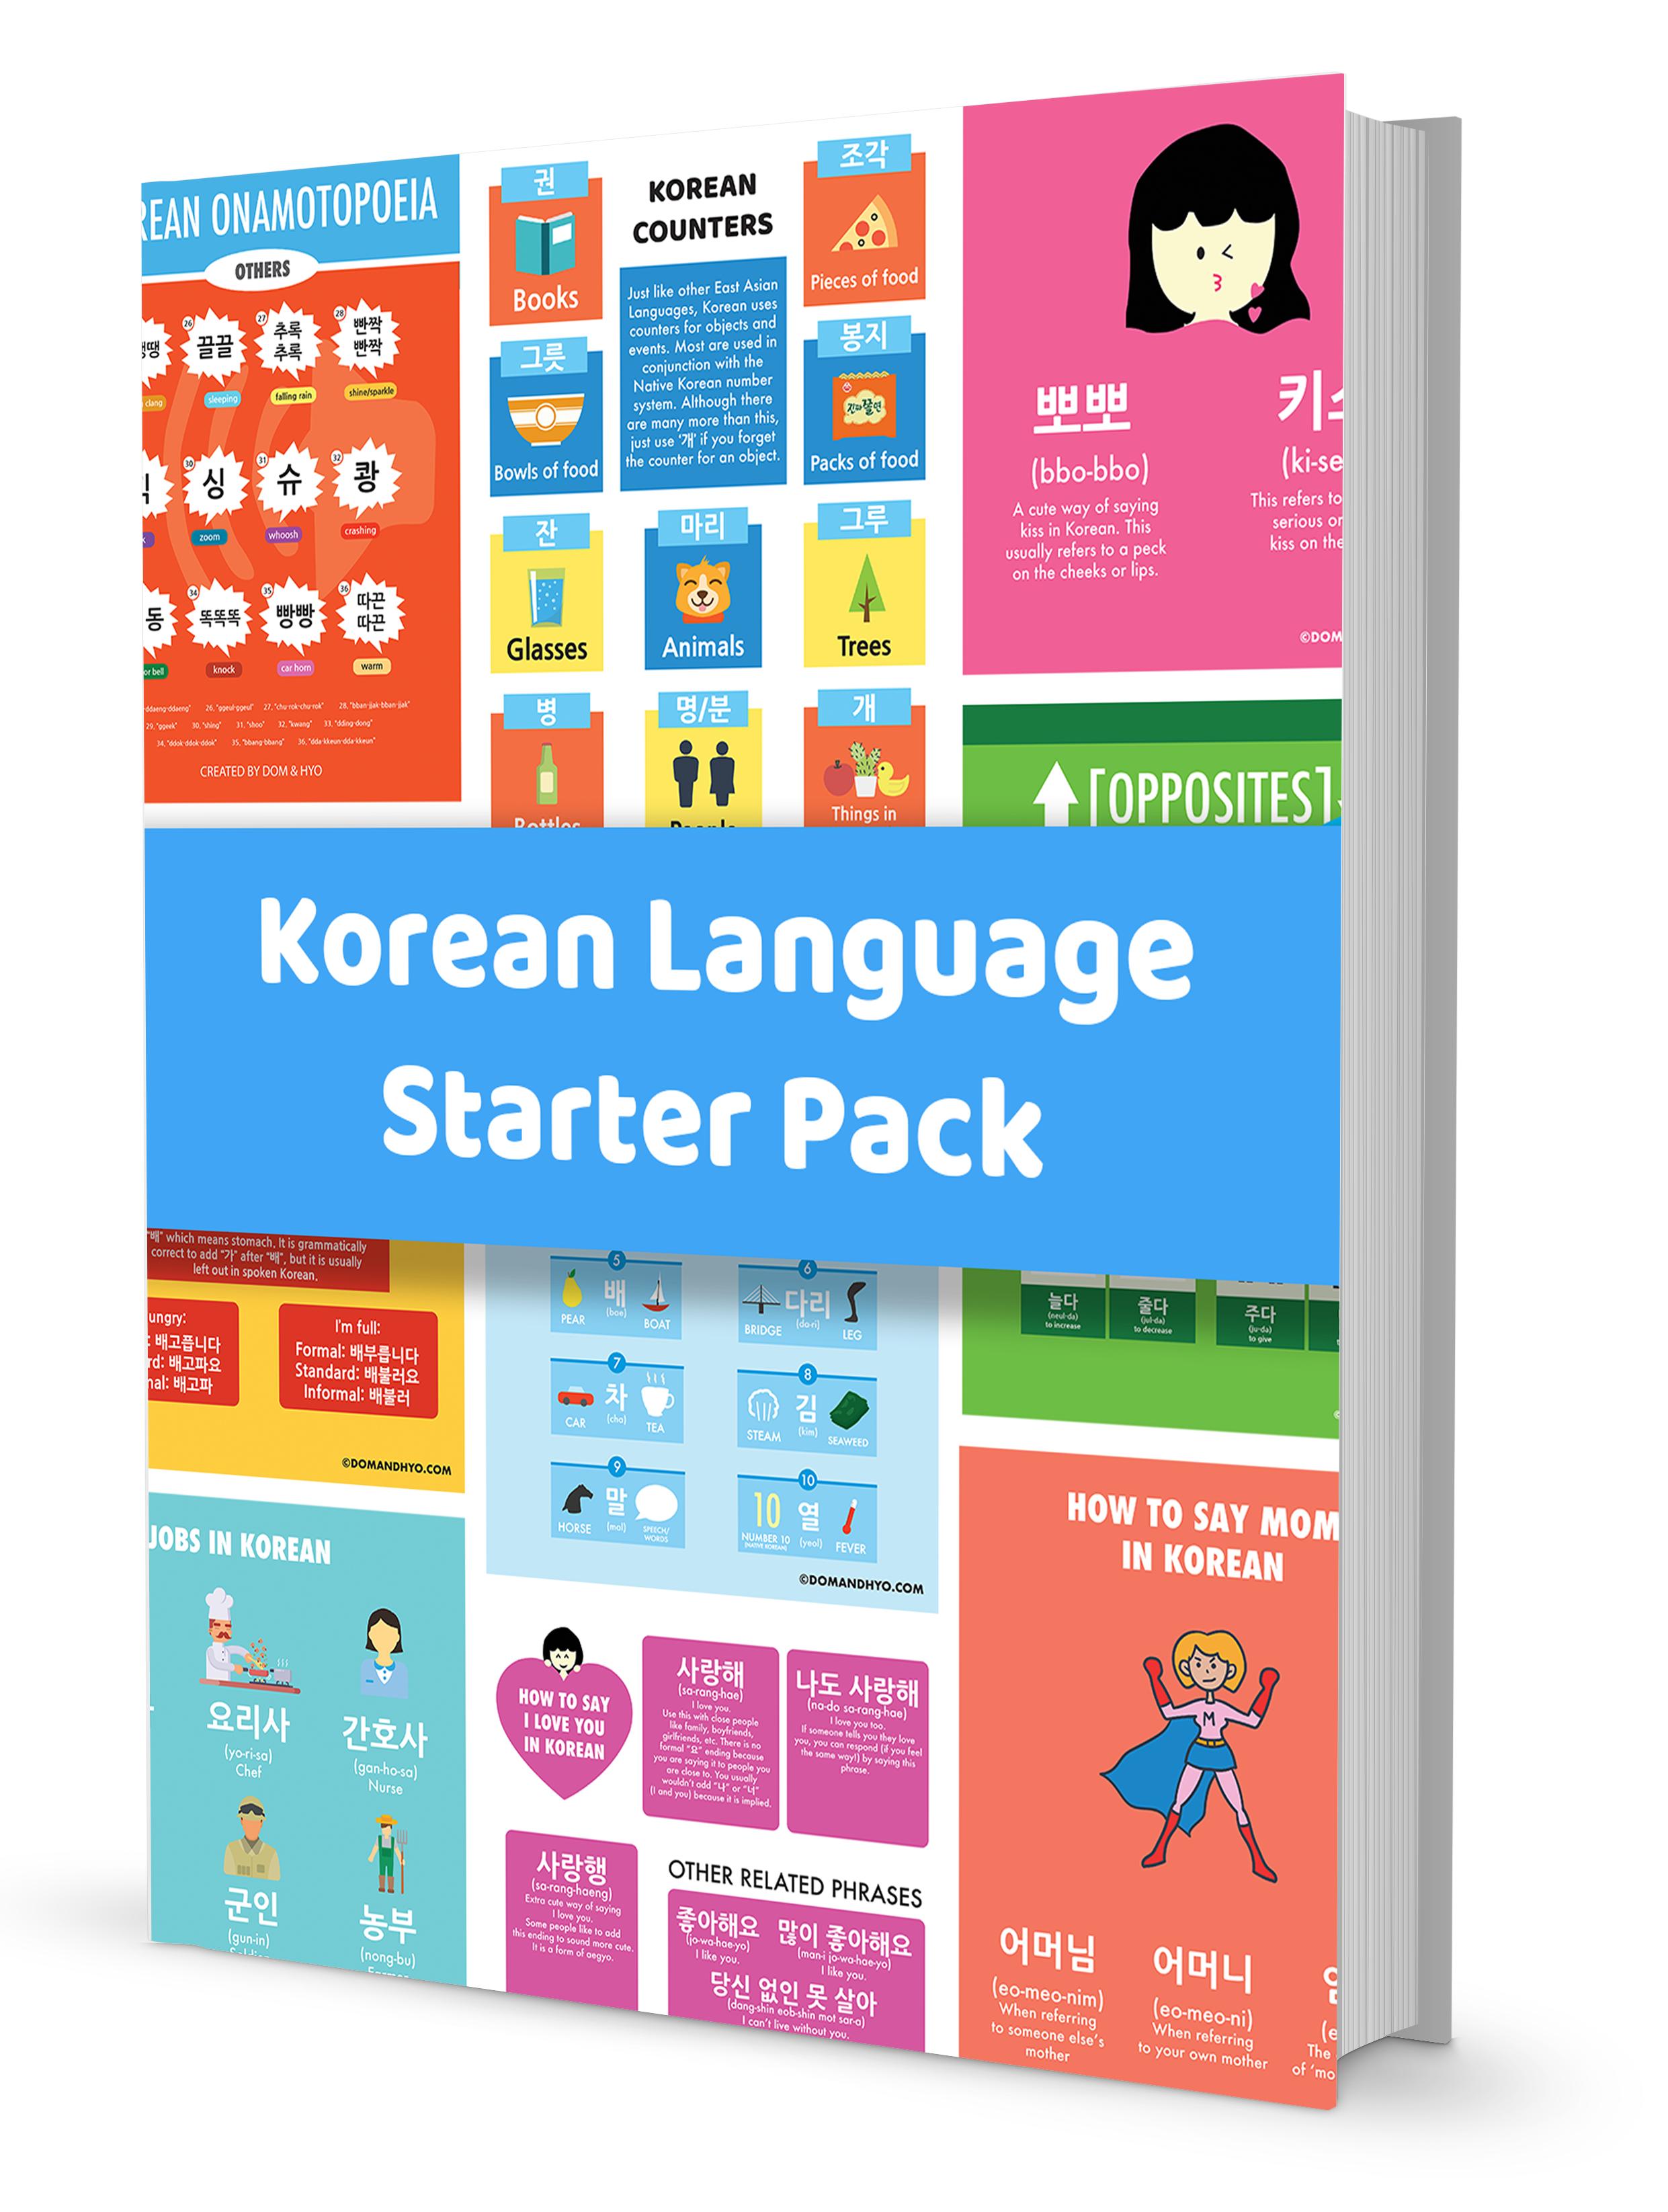 Korean Language Starter Pack